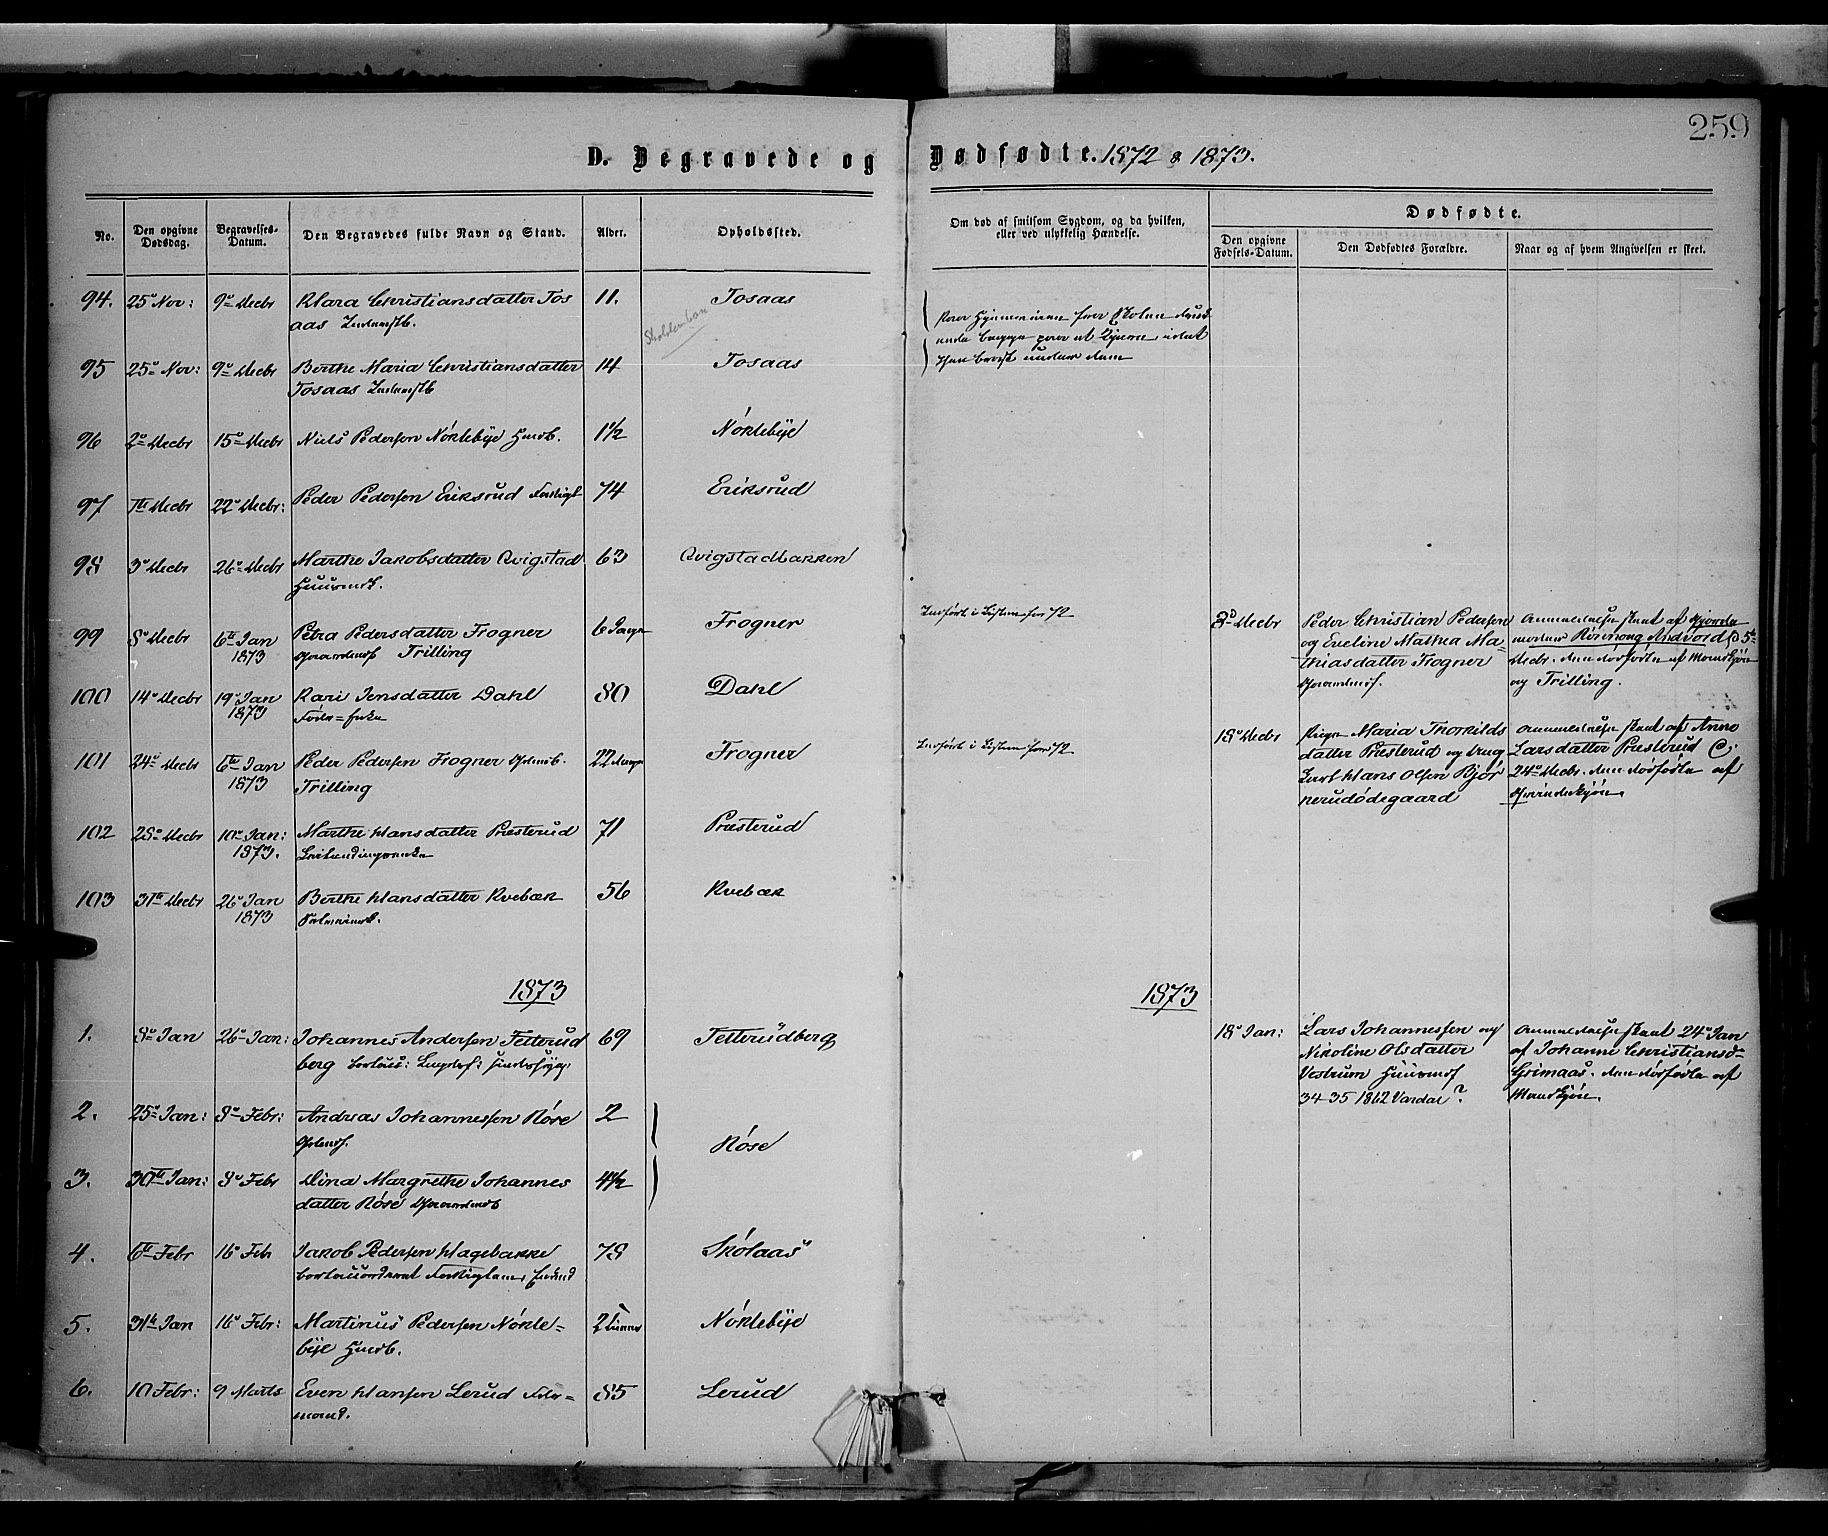 SAH, Vestre Toten prestekontor, Ministerialbok nr. 8, 1870-1877, s. 259